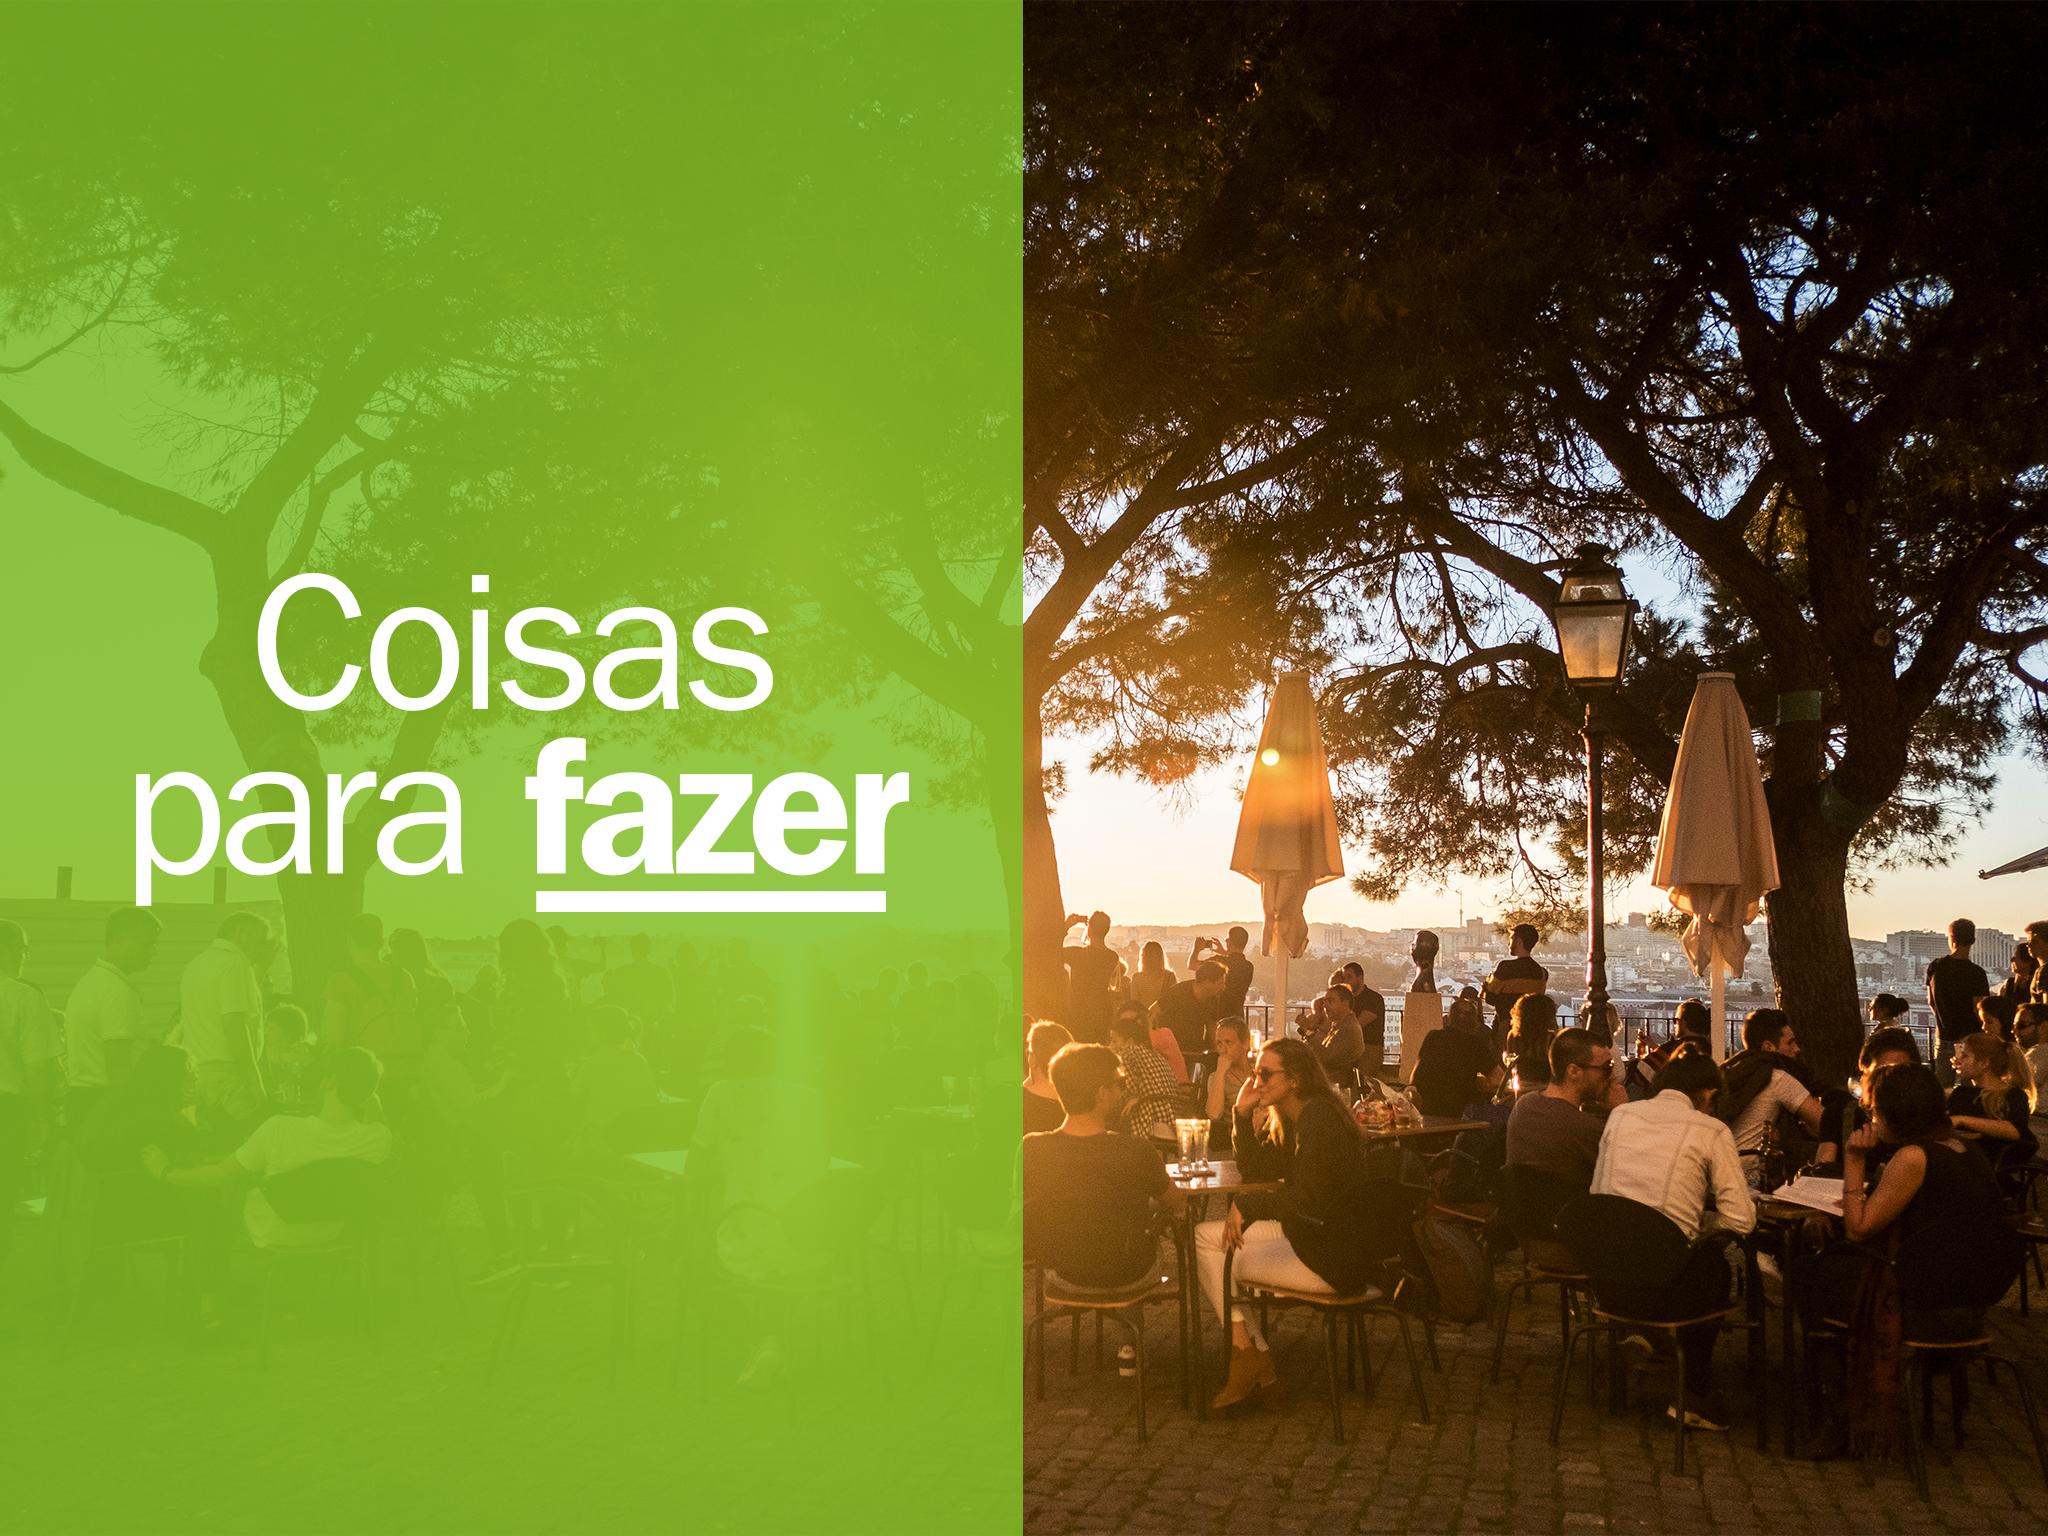 32 Coisas Incríveis Para Fazer em Lisboa